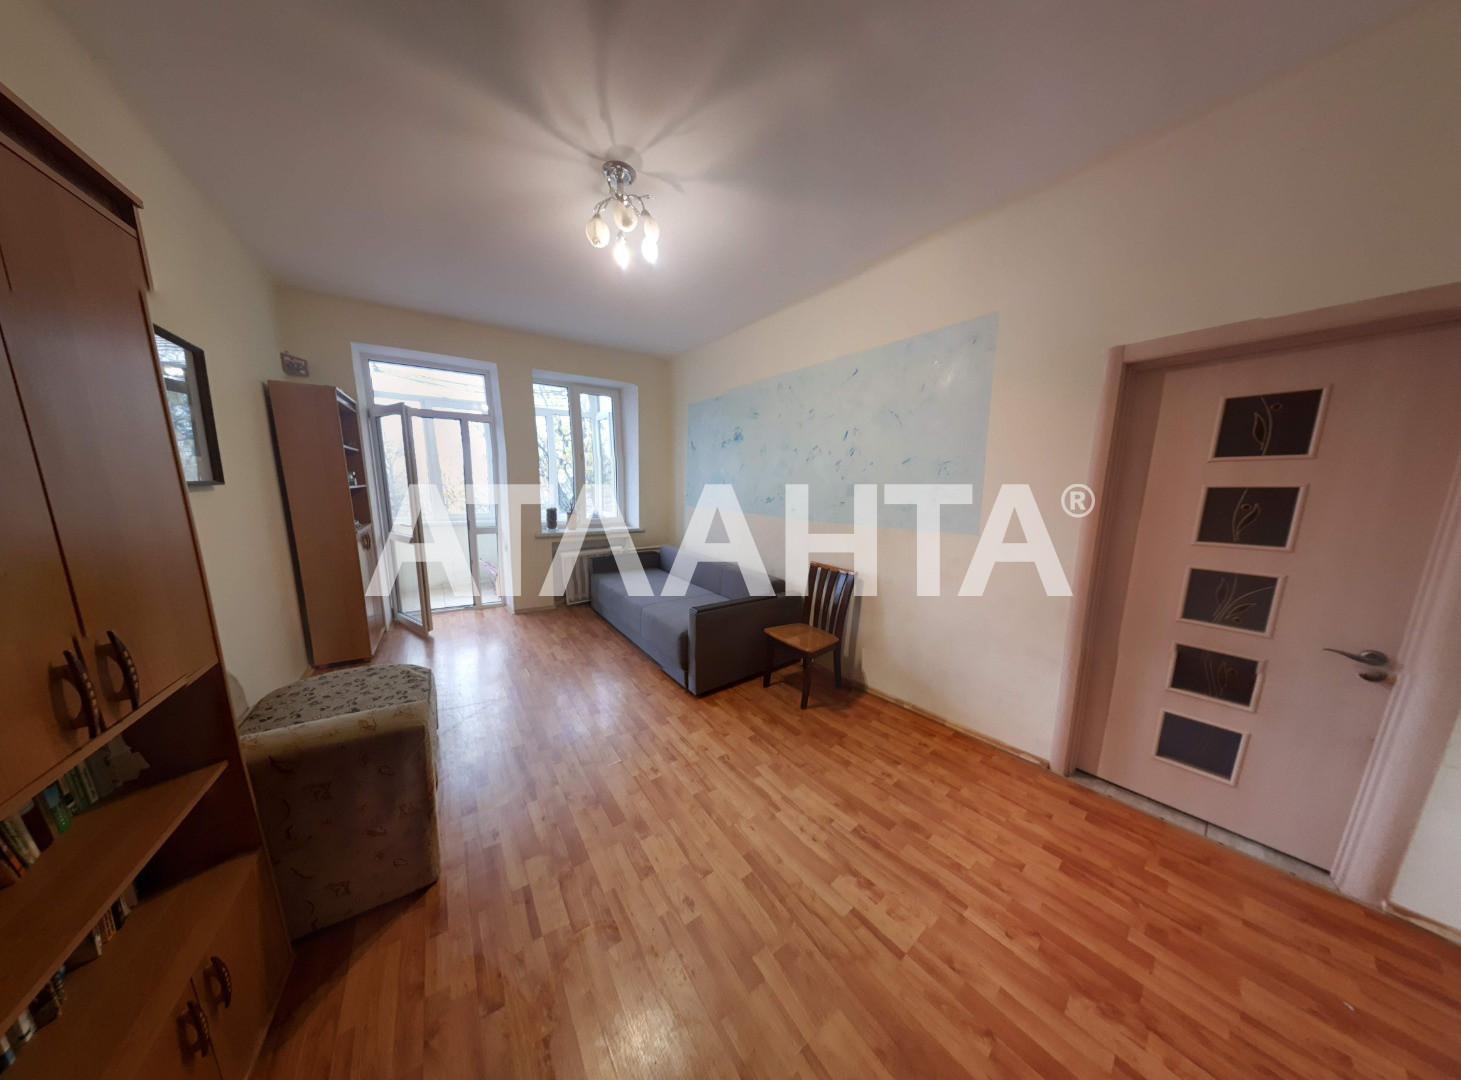 Продается 3-комнатная Квартира на ул. Просп.Науки — 64 900 у.е. (фото №3)